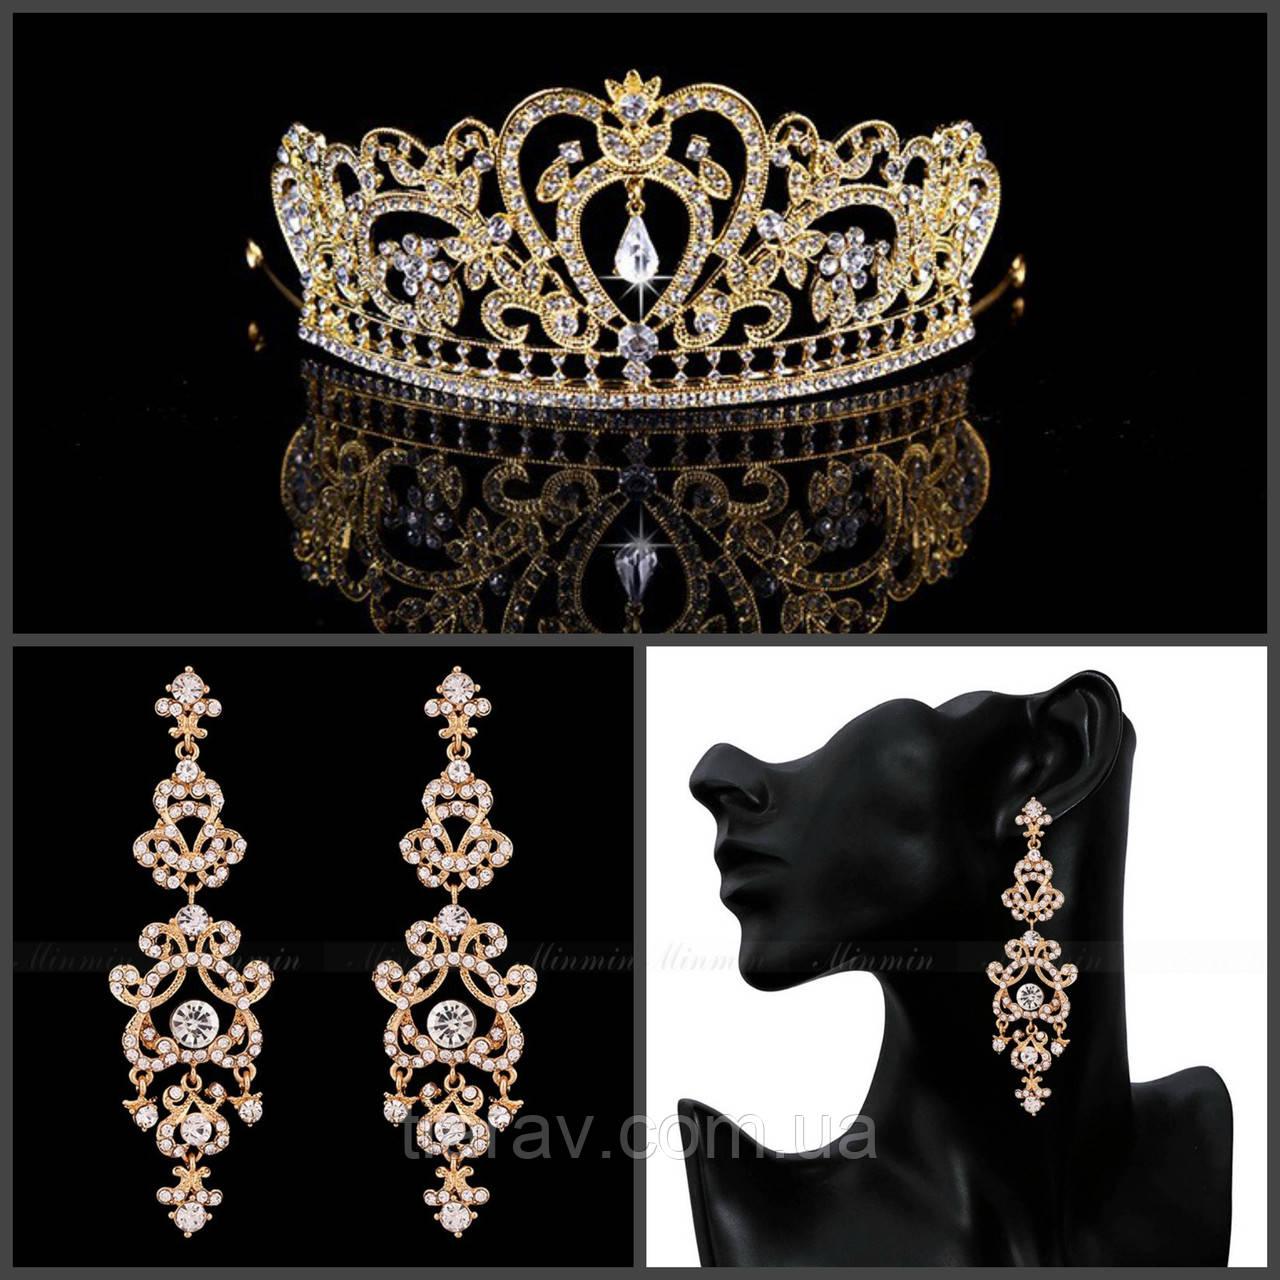 Набор украшений корона и серьги ФИОНА ГОЛД диадемы, короны свадебные  украшения - Украшения для волос cb2d97971e8